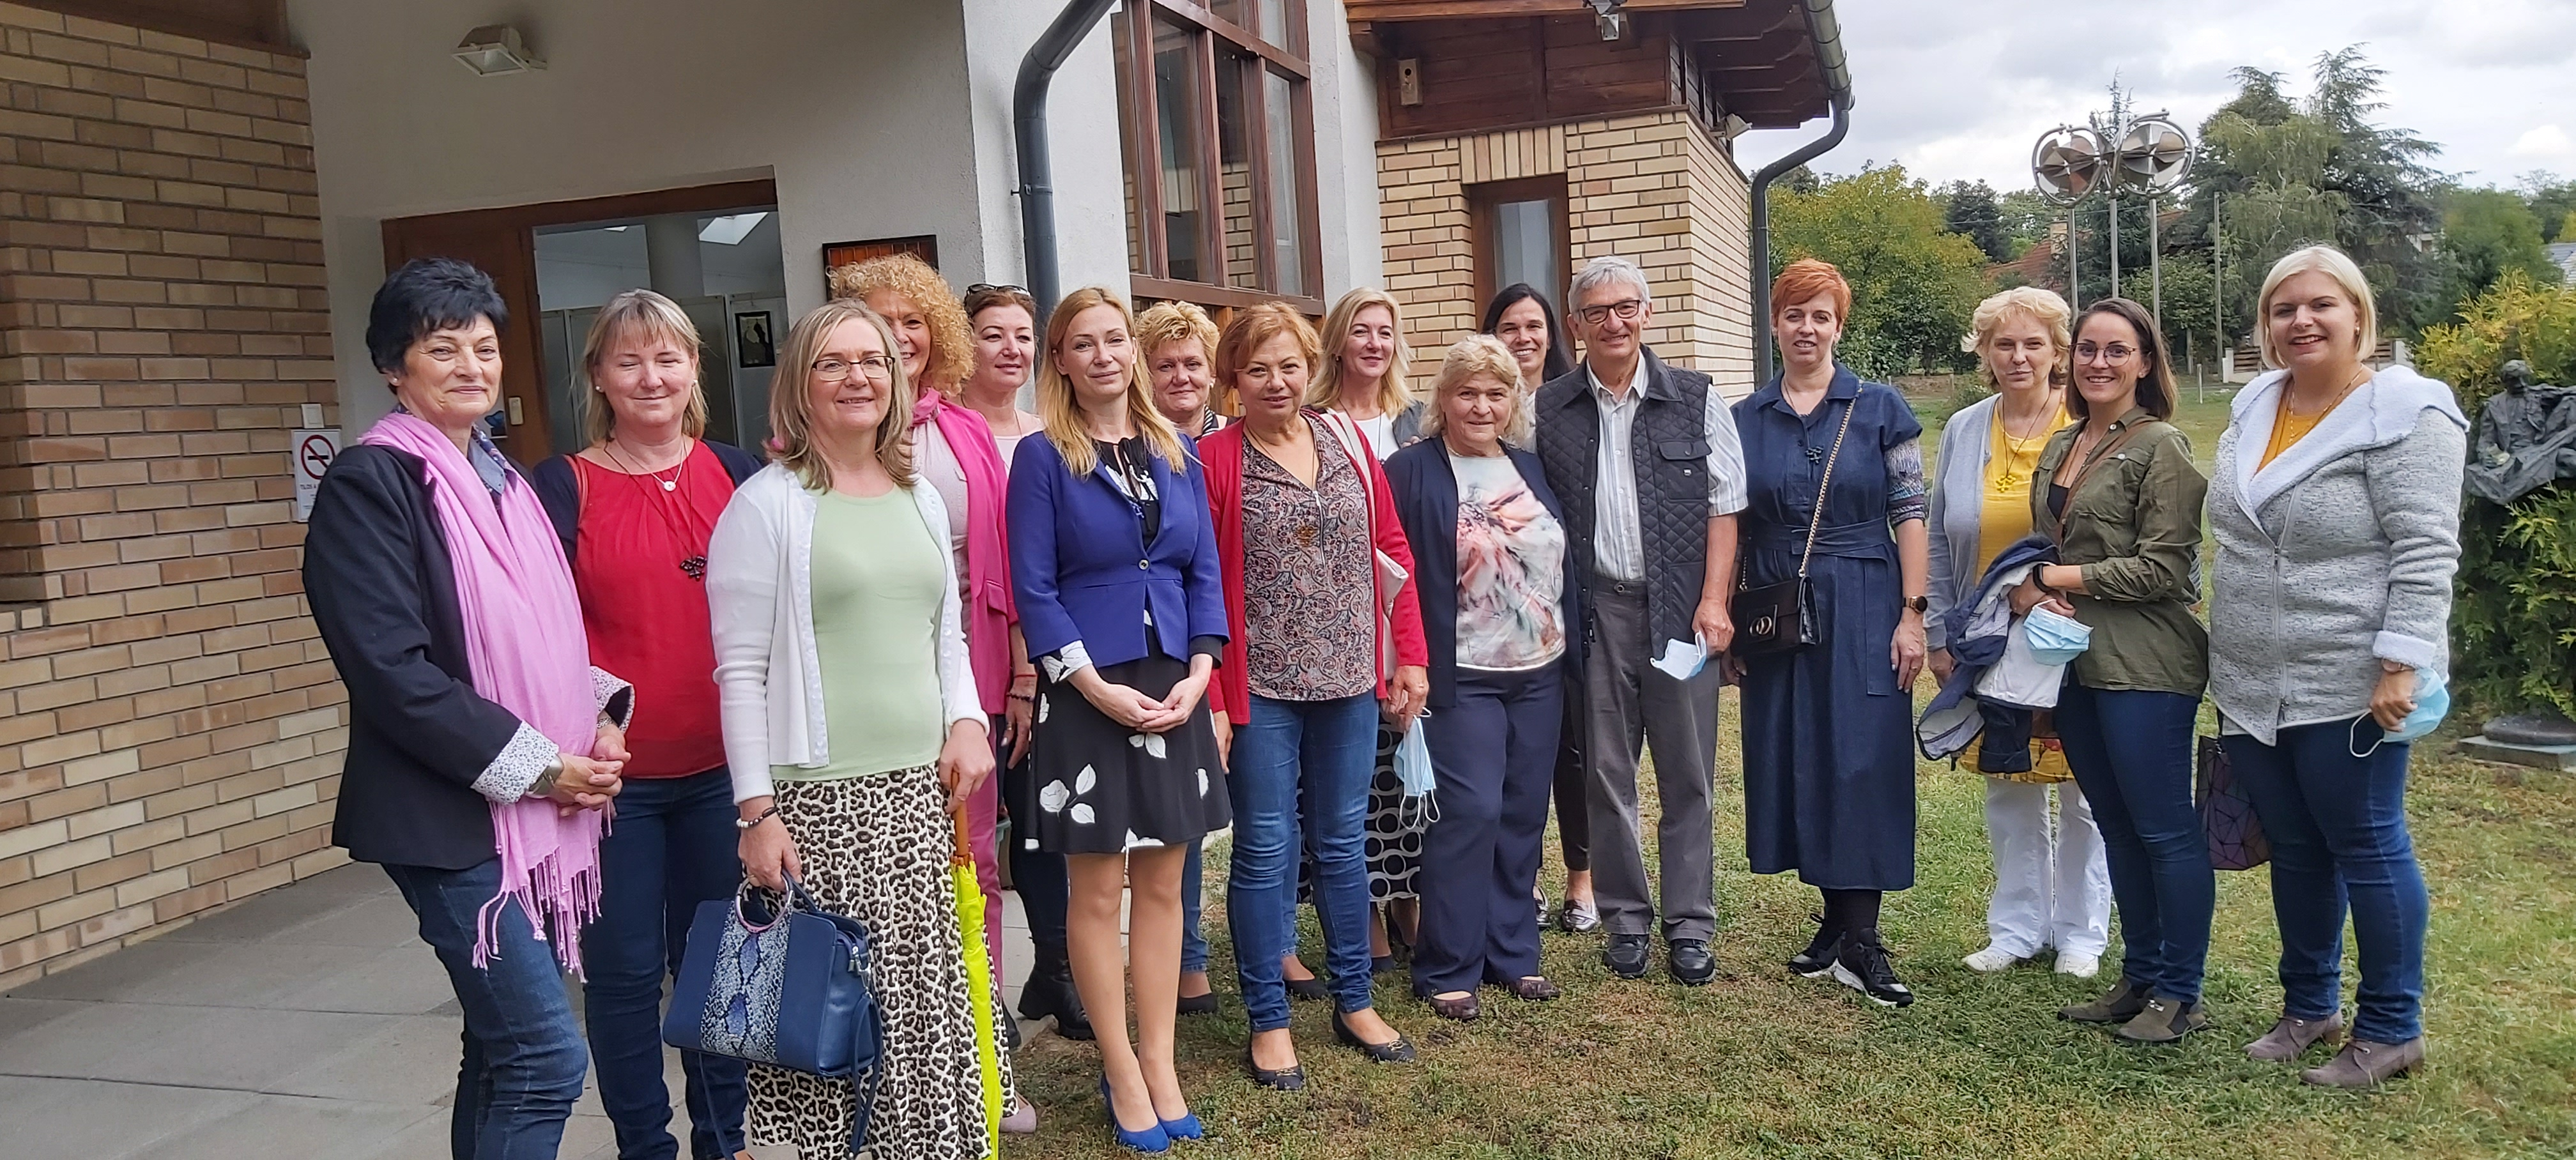 Pannonhalmára és Győrújbarátra látogatott a Női Vállalkozói Klub